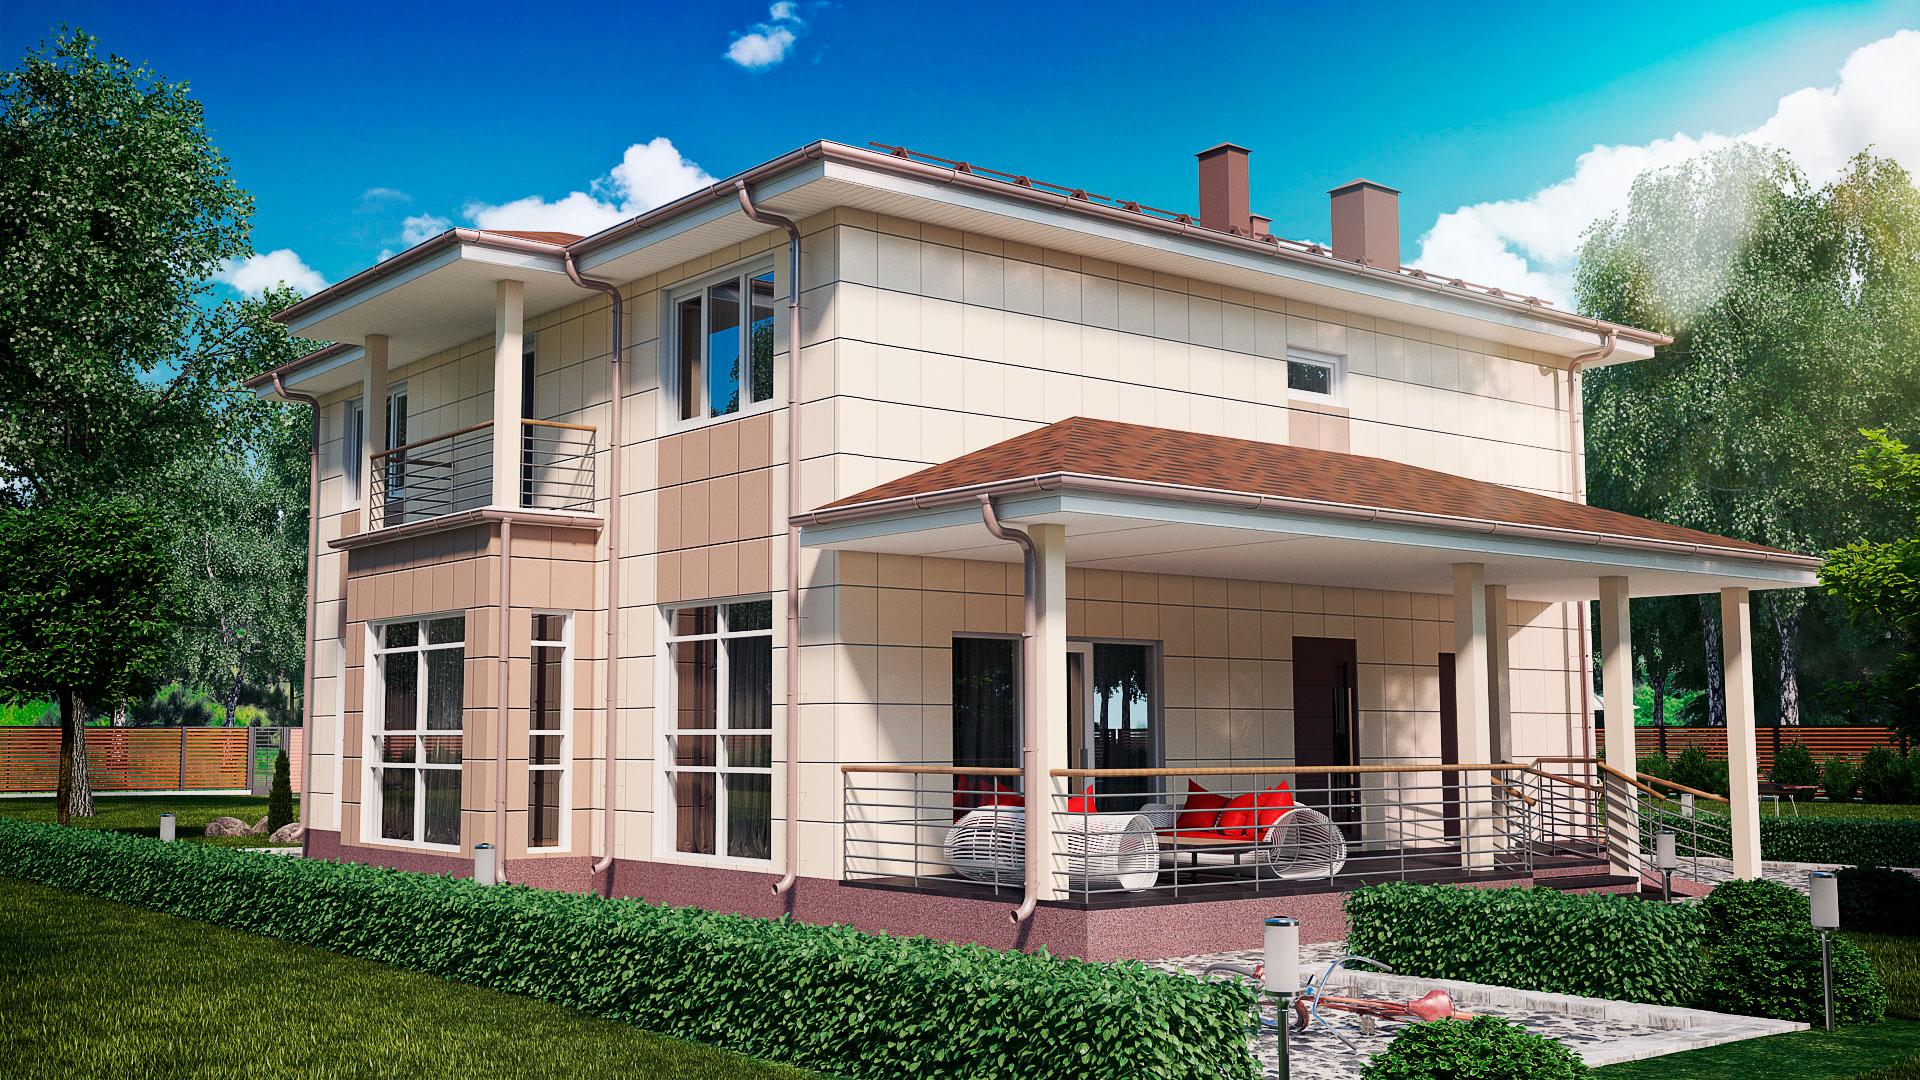 Передний фасад загородного дома 12 на 12 двухэтажного, проект БЭНПАН МС-245.